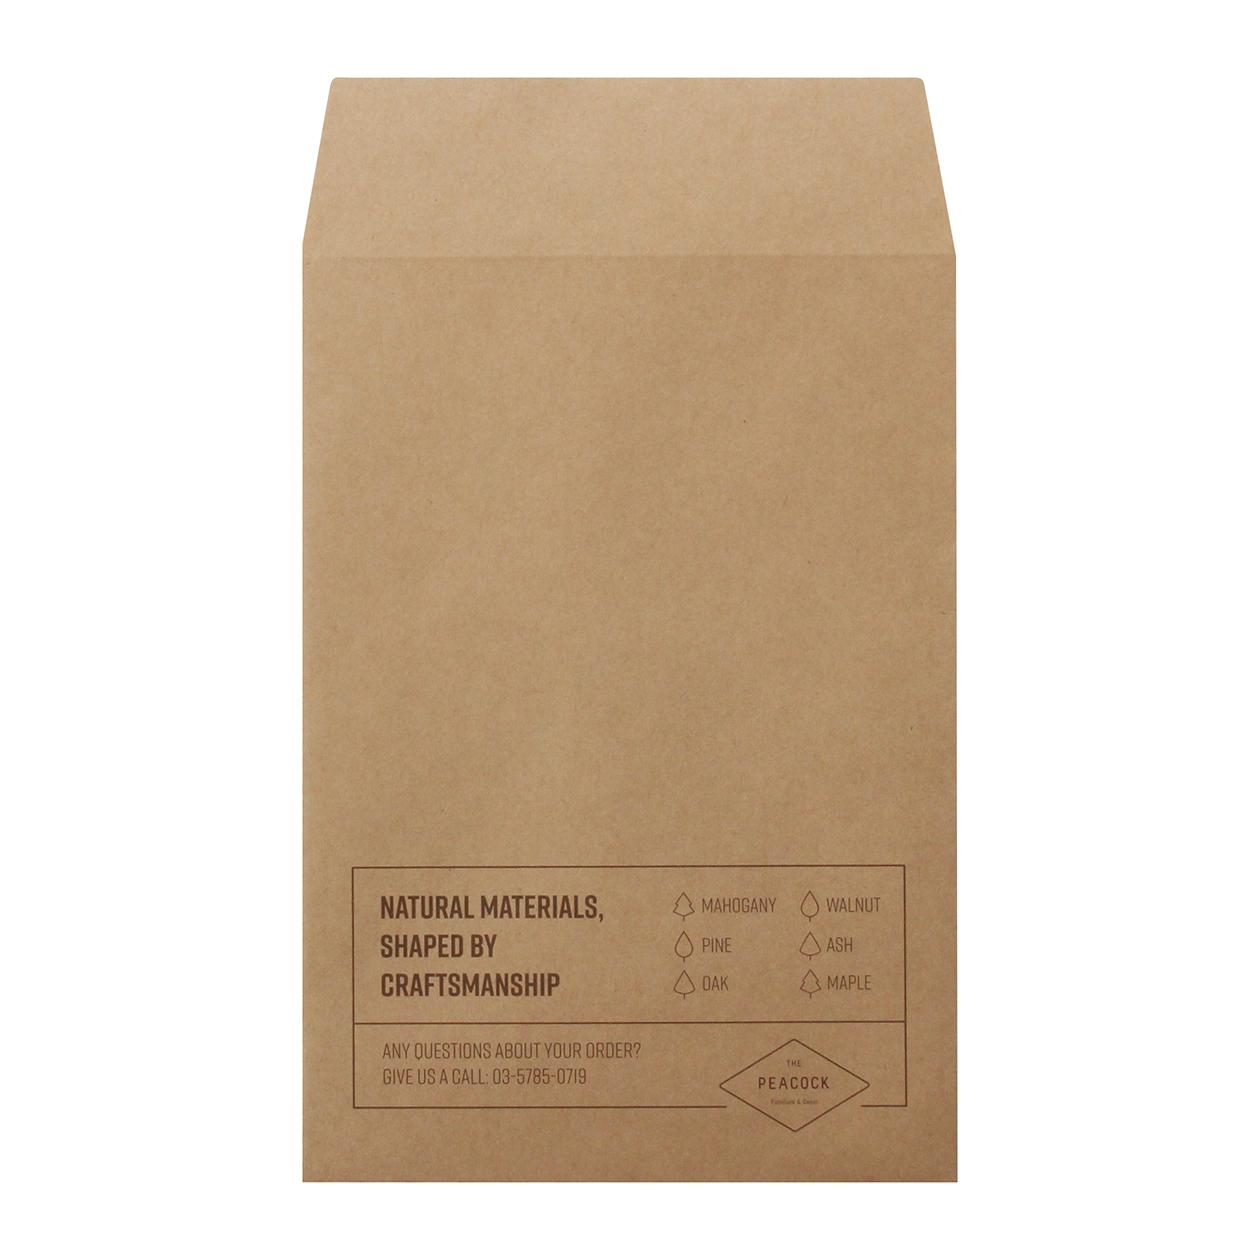 サンプル 封筒・袋 00096